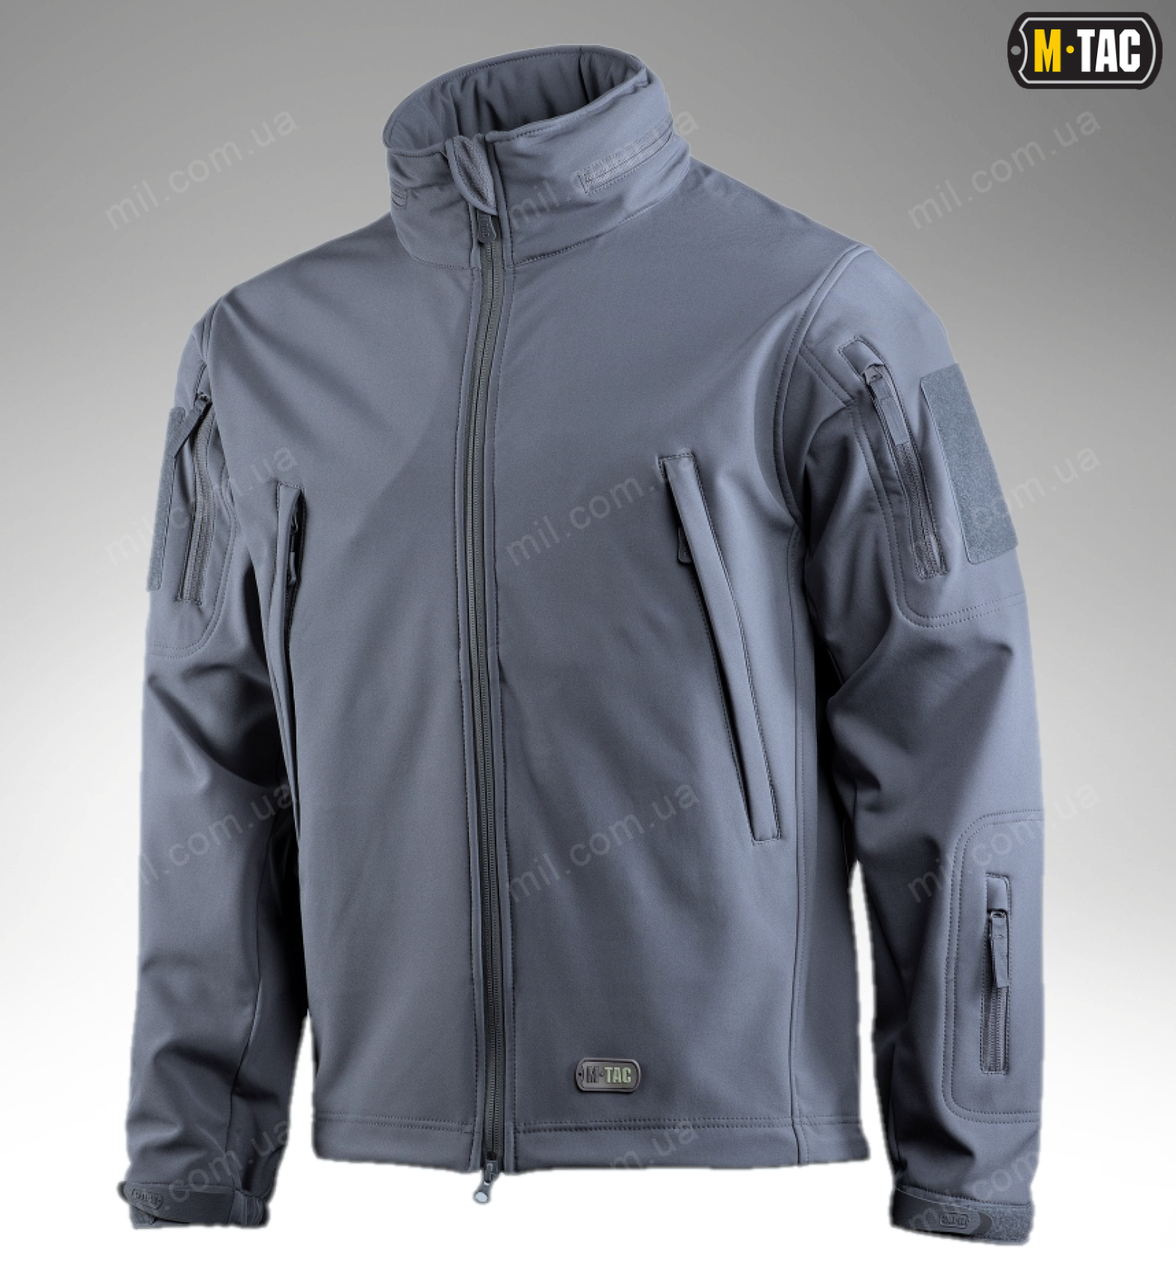 Демисезонная тактическая куртка SOFT SHELL M-TAC (dark grey)